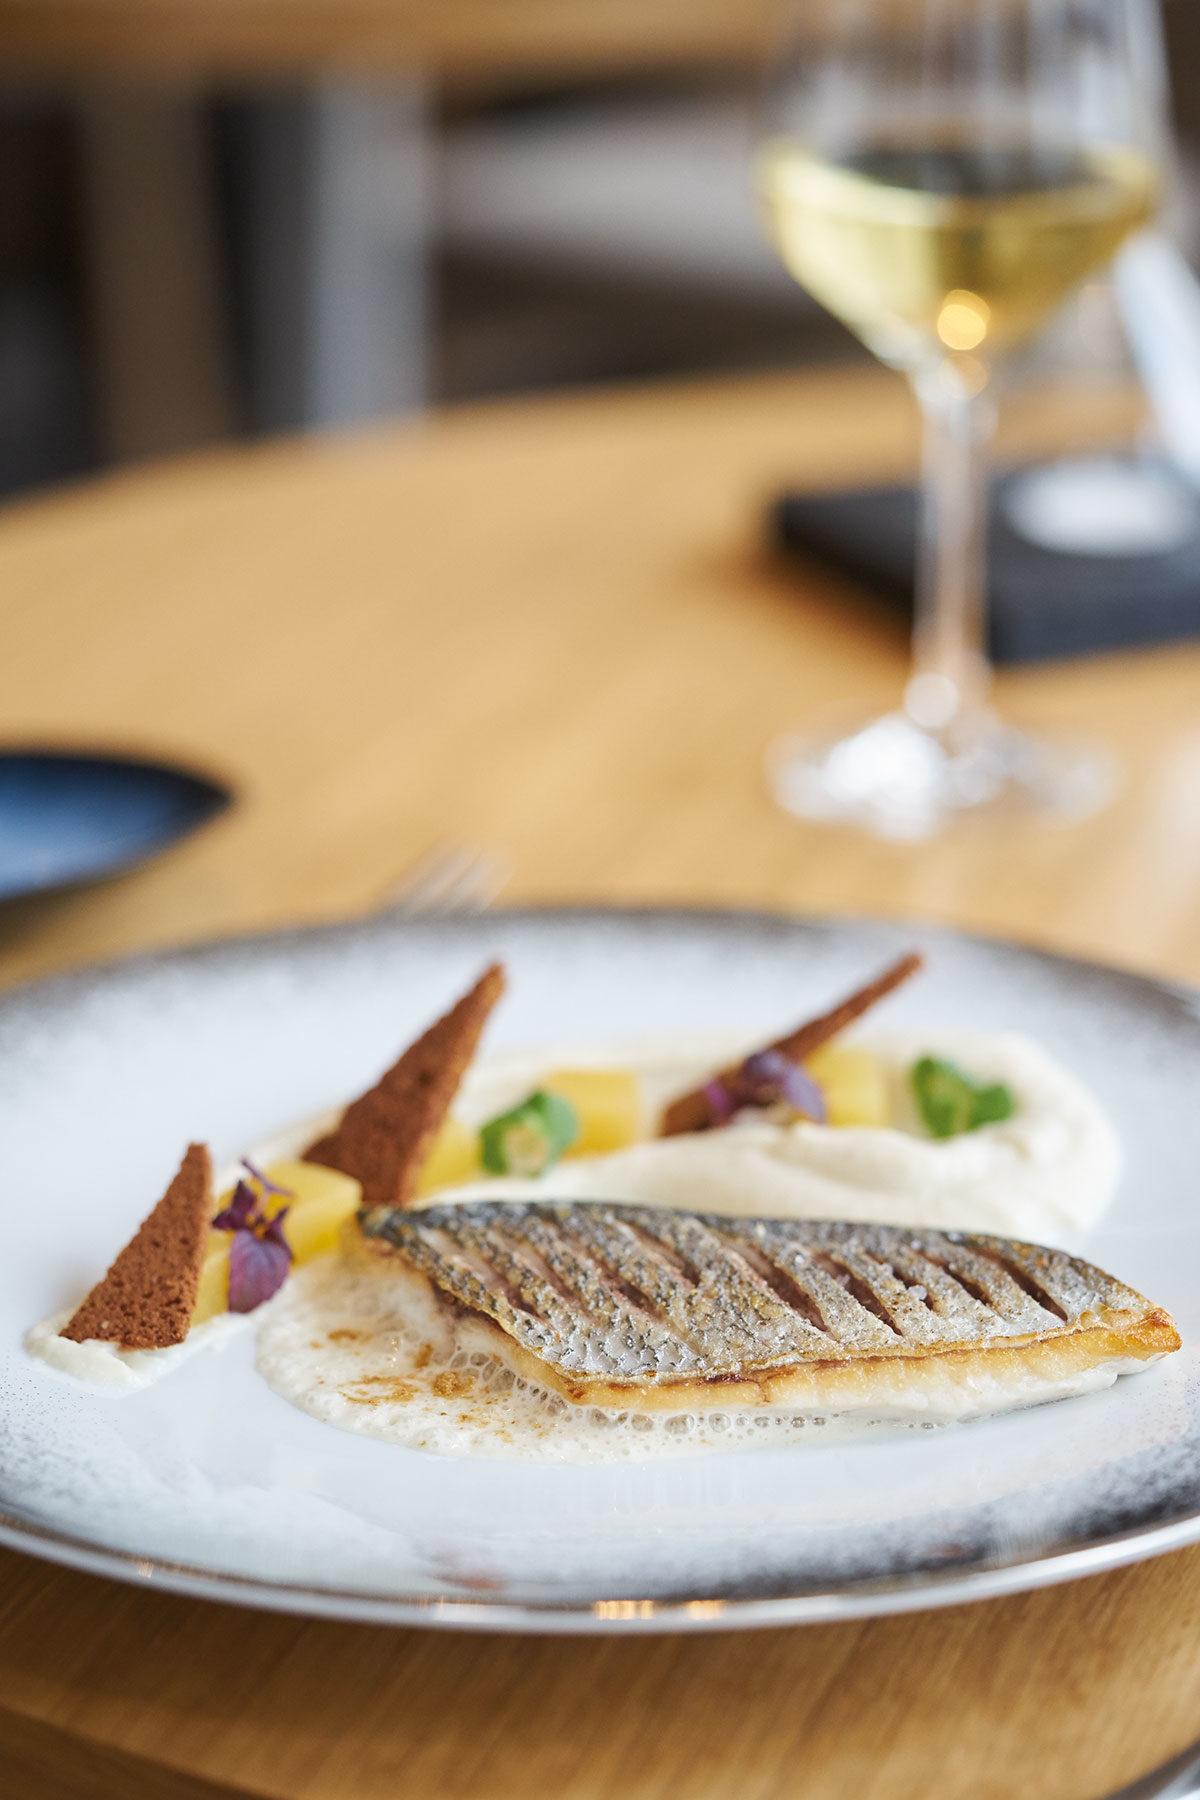 Recette : Filet de dorade rôti, topinambour, rutabaga et pain d'épices par Le Grazin de Sel - Photo : Maxime Gautherot